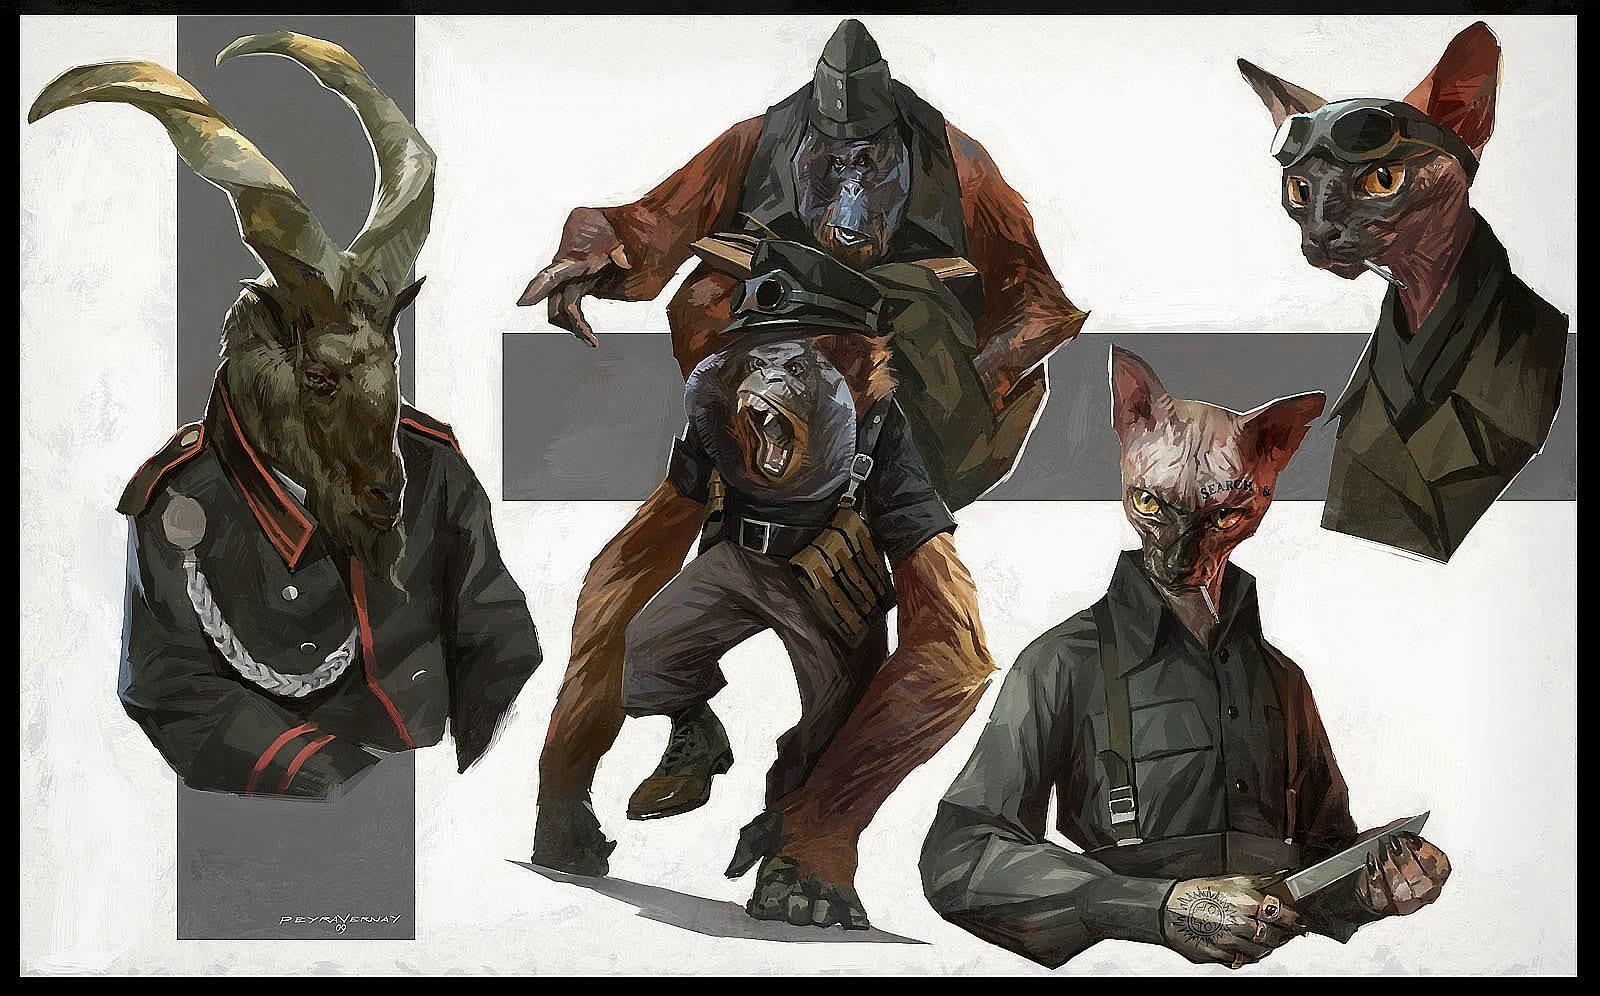 Sphynx troops